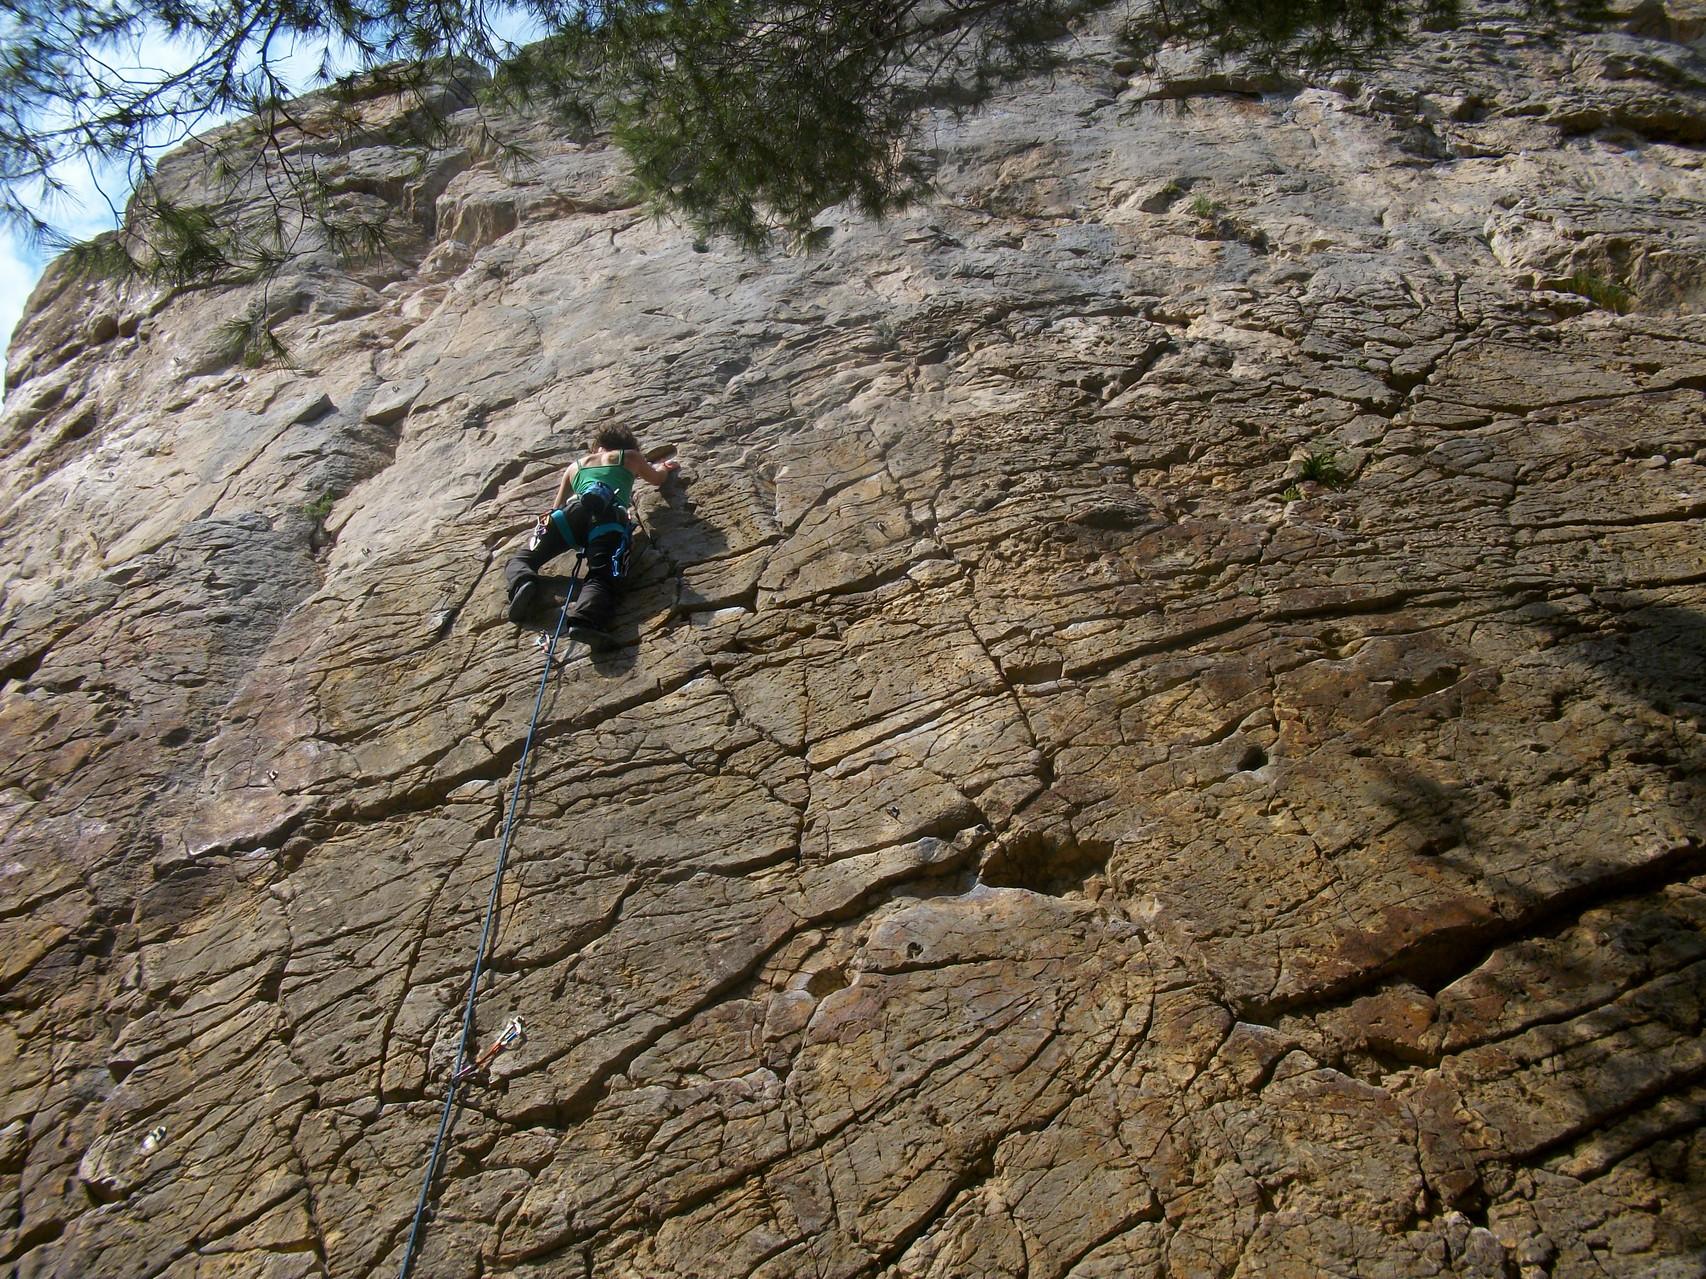 Kletterausrüstung Outdoor : Outdoor kletterkurs bei münchen klettern draußen am fels tact